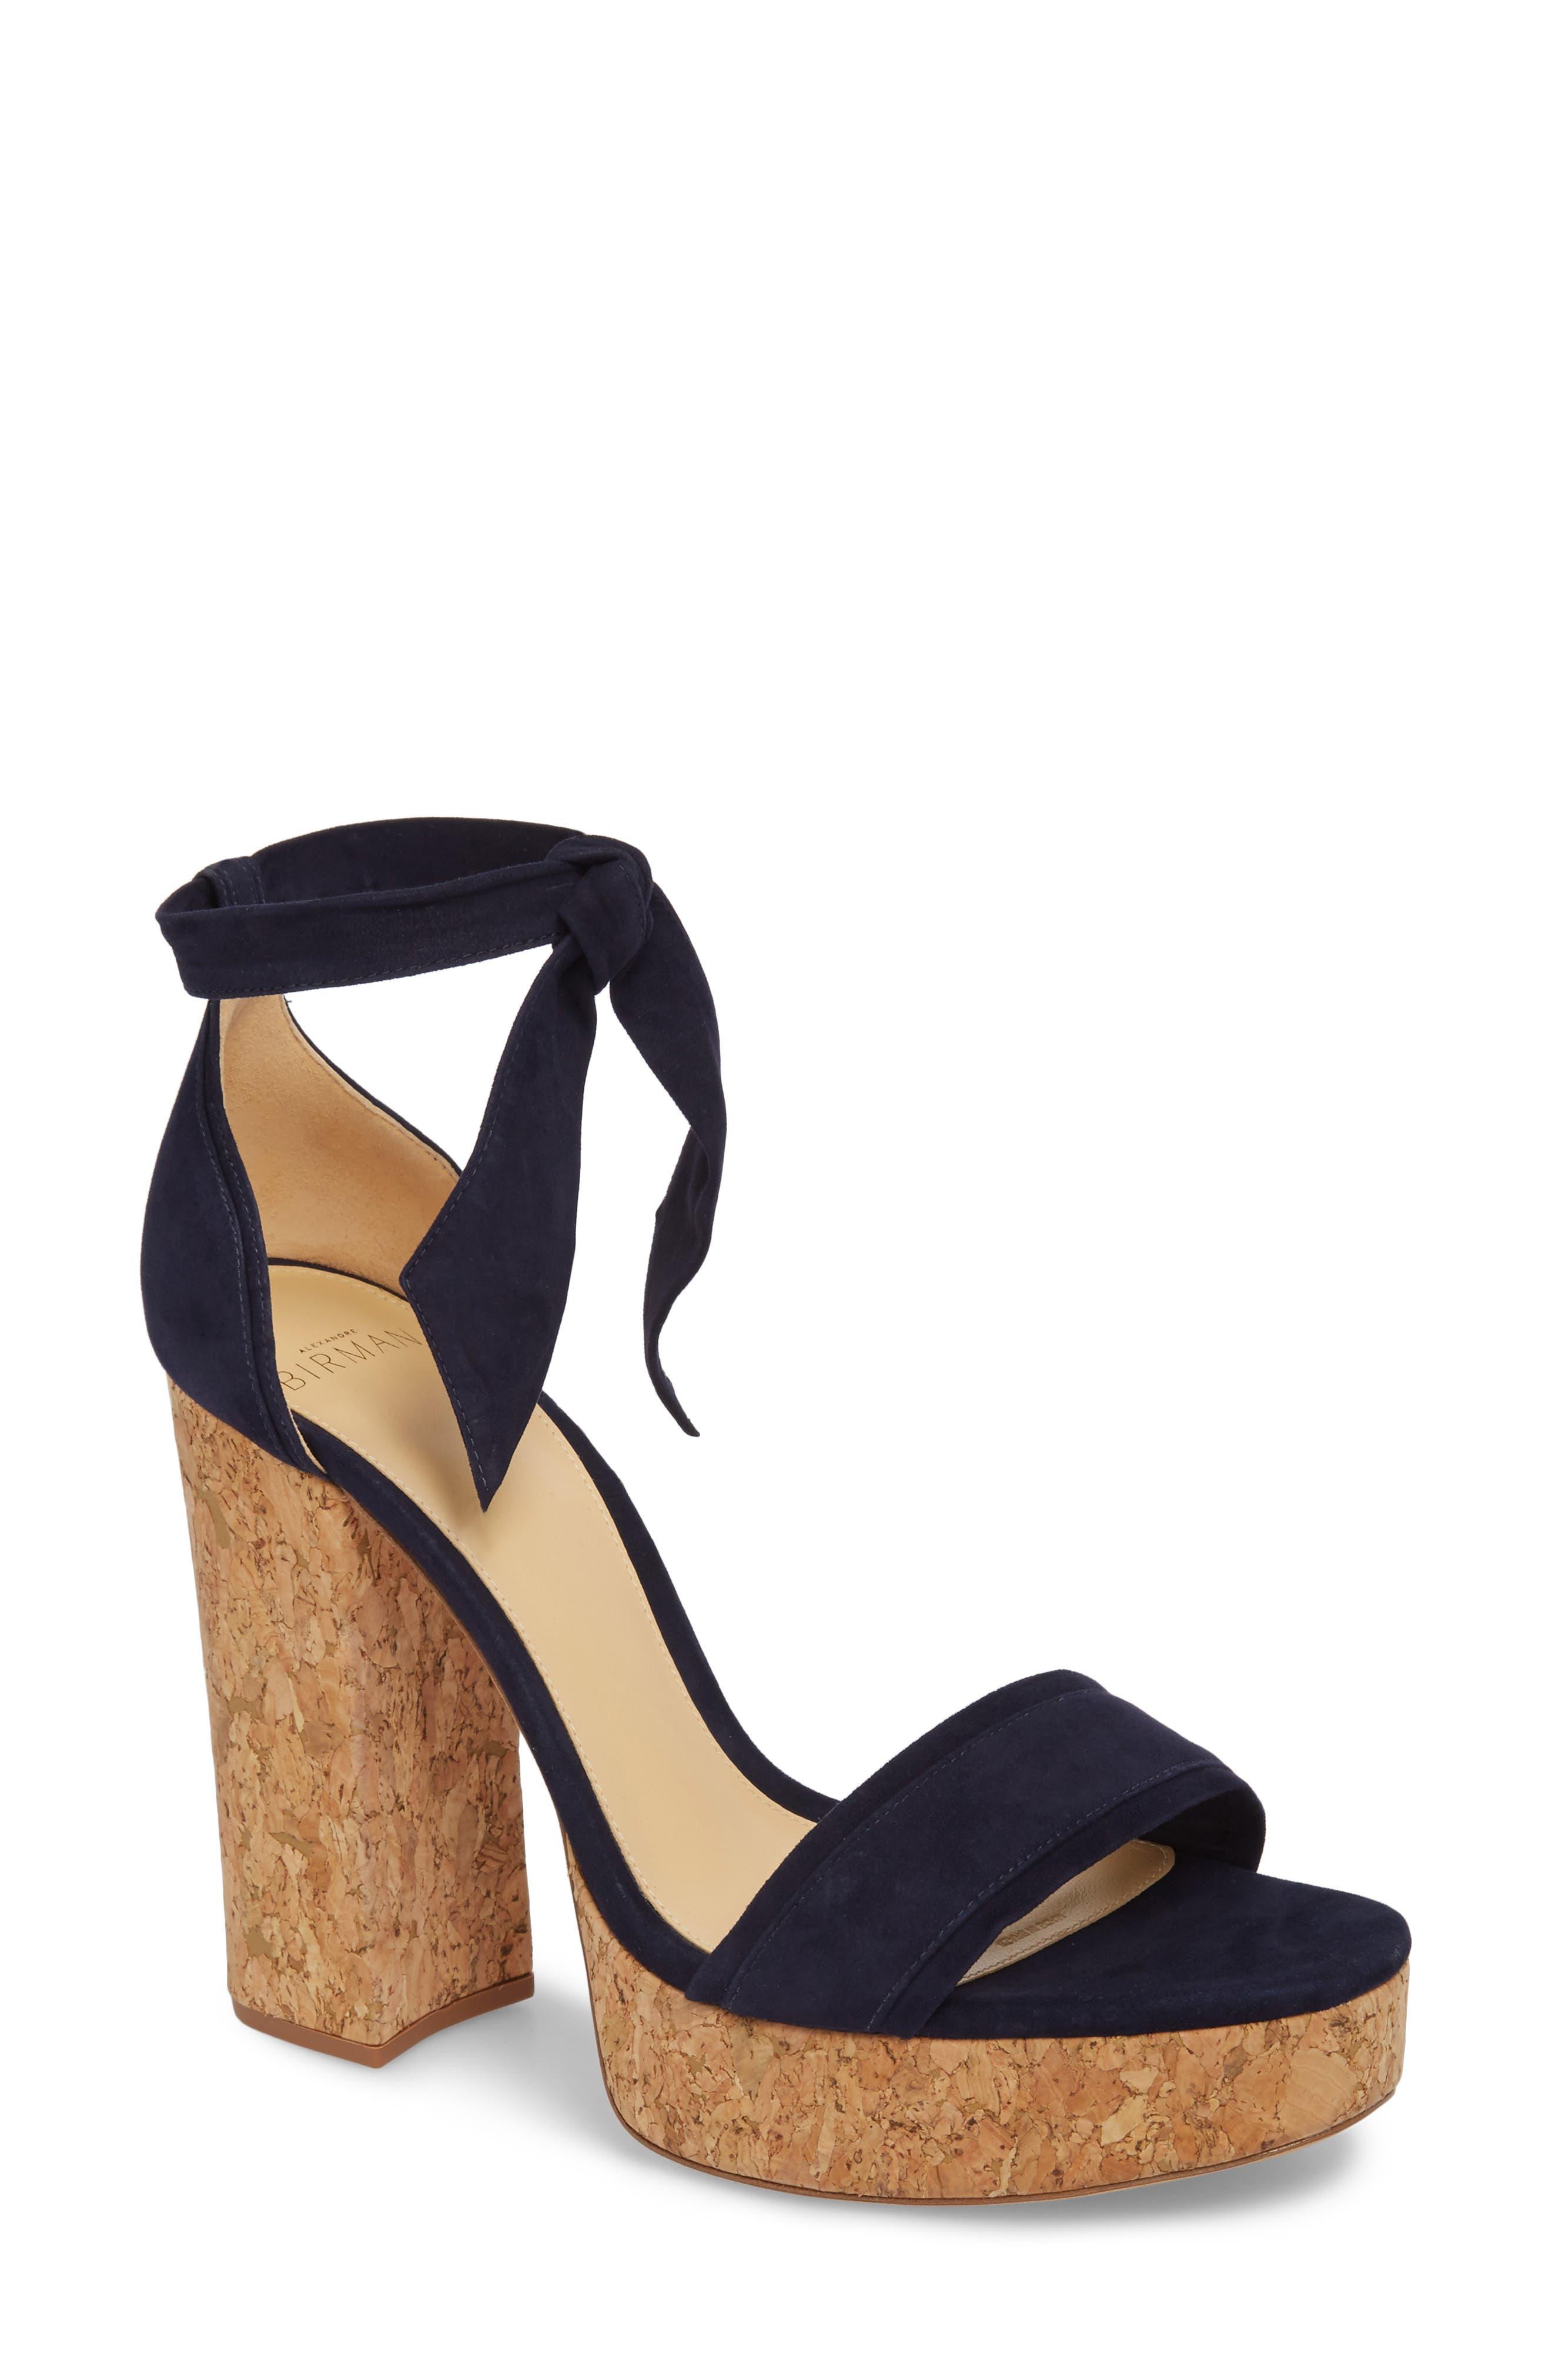 Celine Ankle Tie Platform Sandal,                         Main,                         color, 400